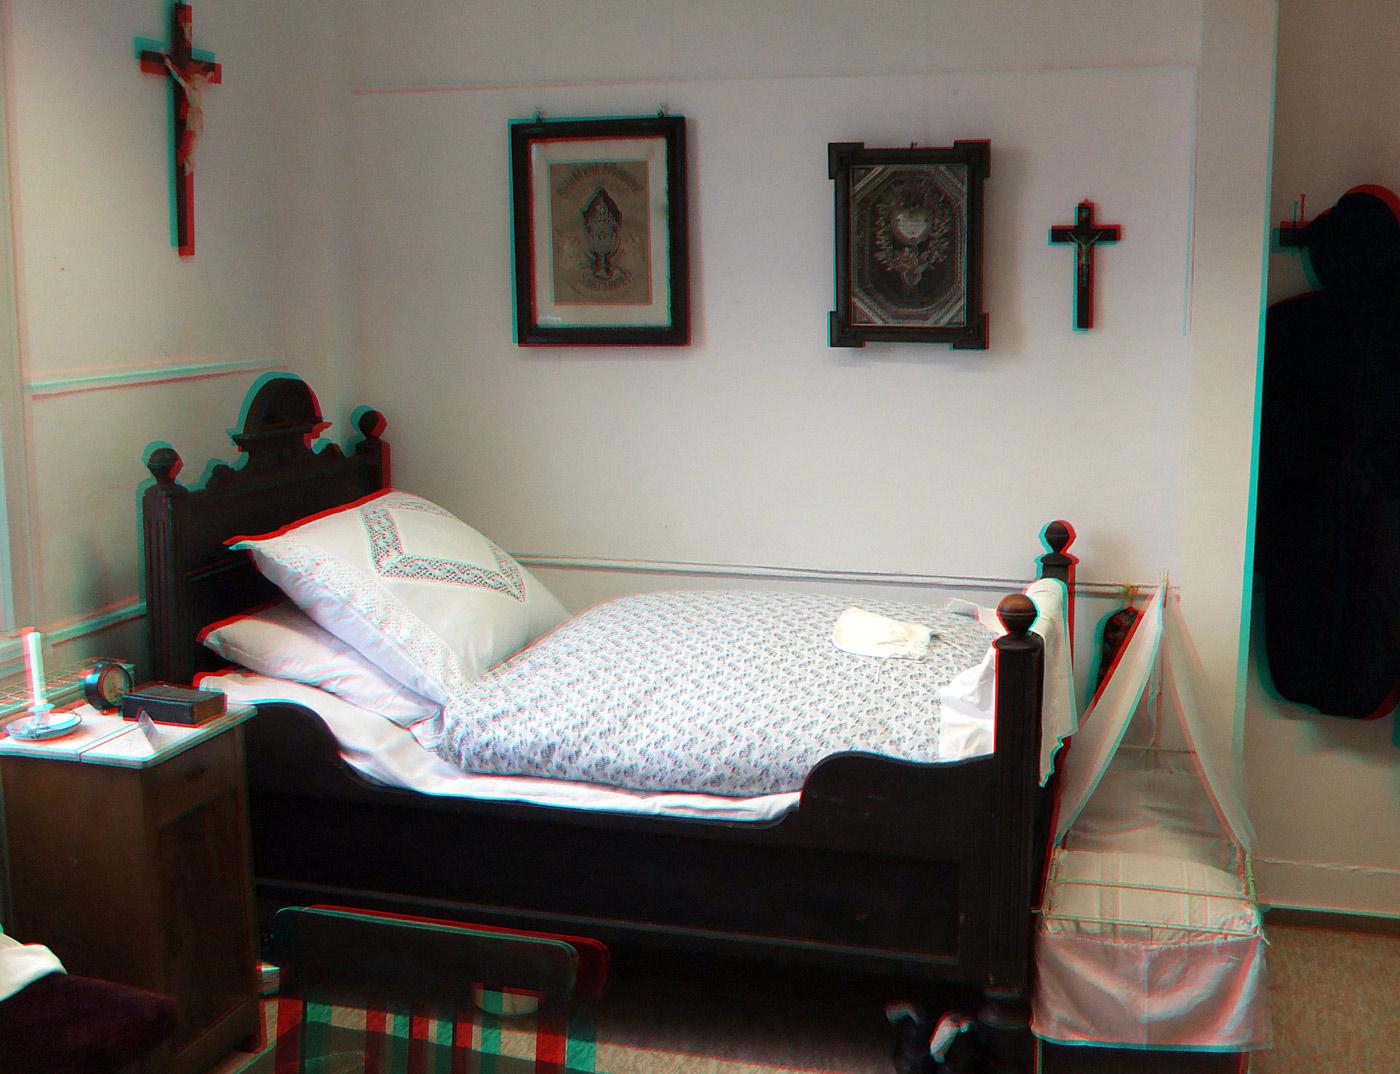 altes Bett (benötigt ein Tool aus dem letzten Bild)